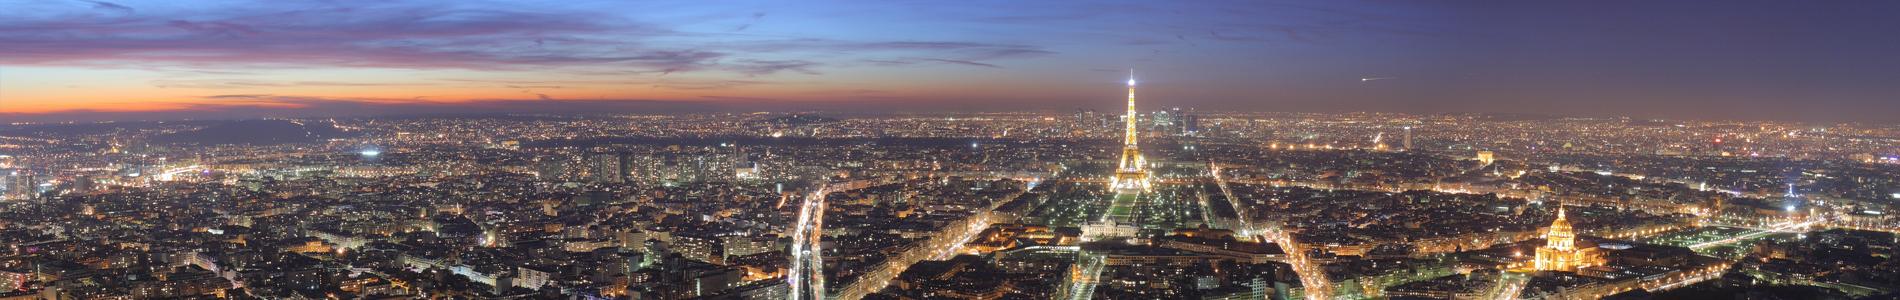 Paris 9 - hotel opera drouot à Paris